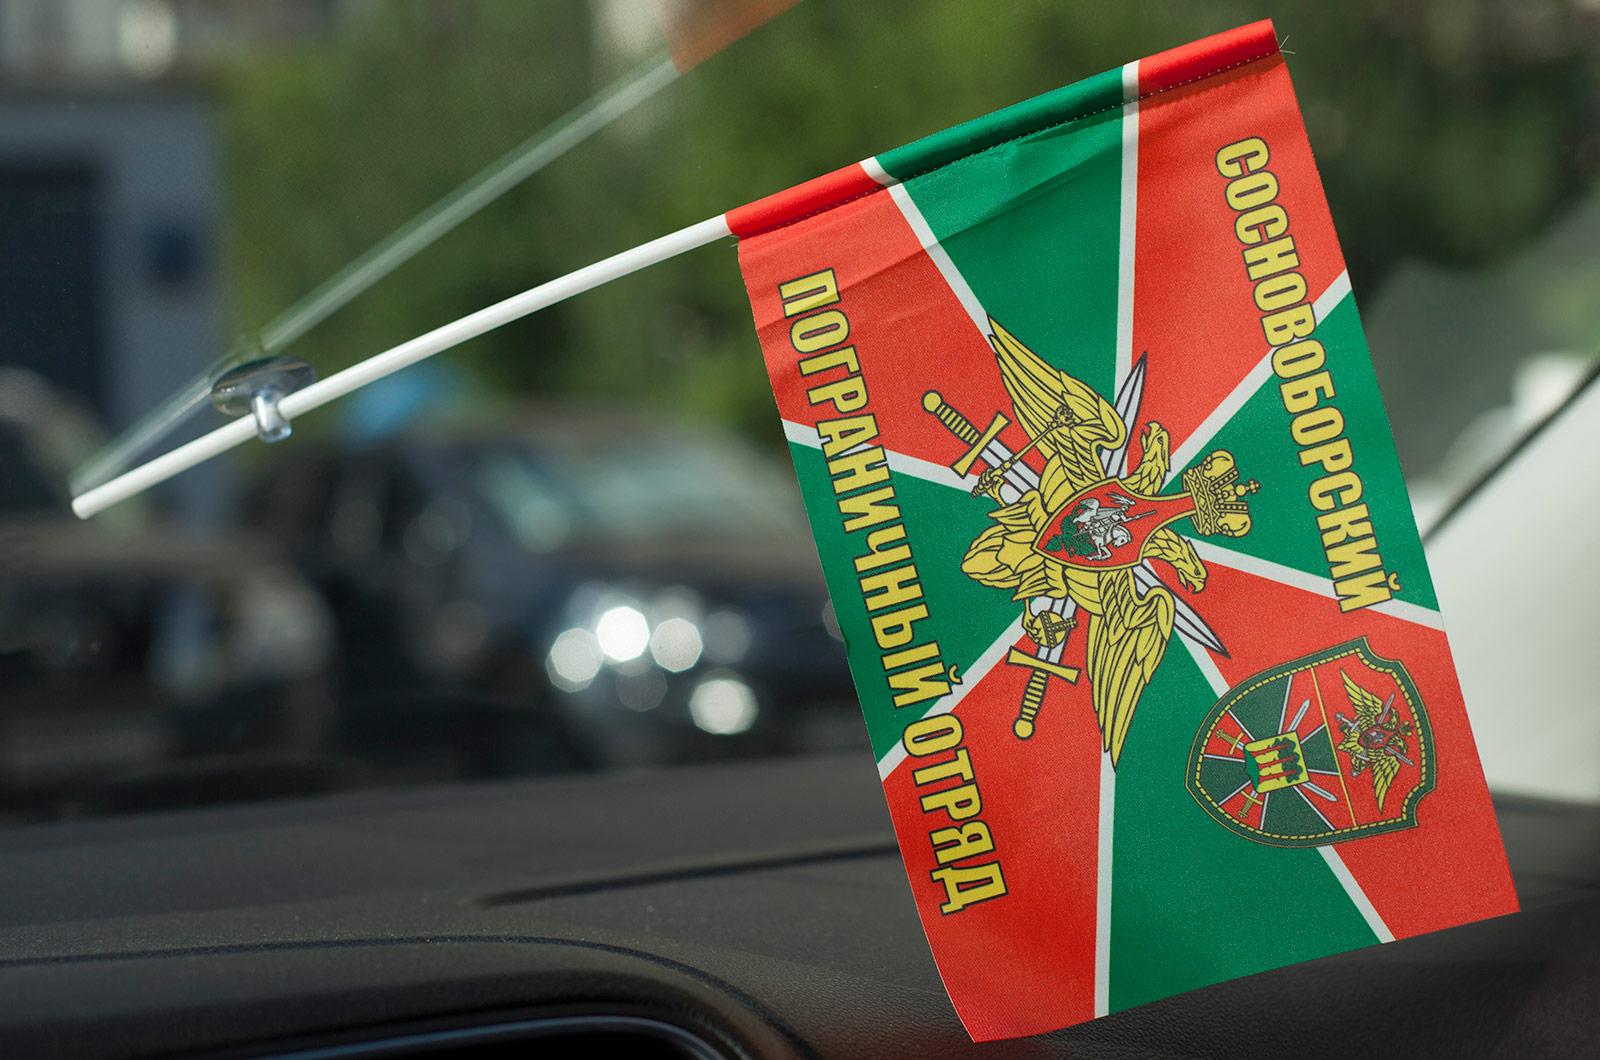 Флажок в машину «Сосновоборский пограничный отряд»